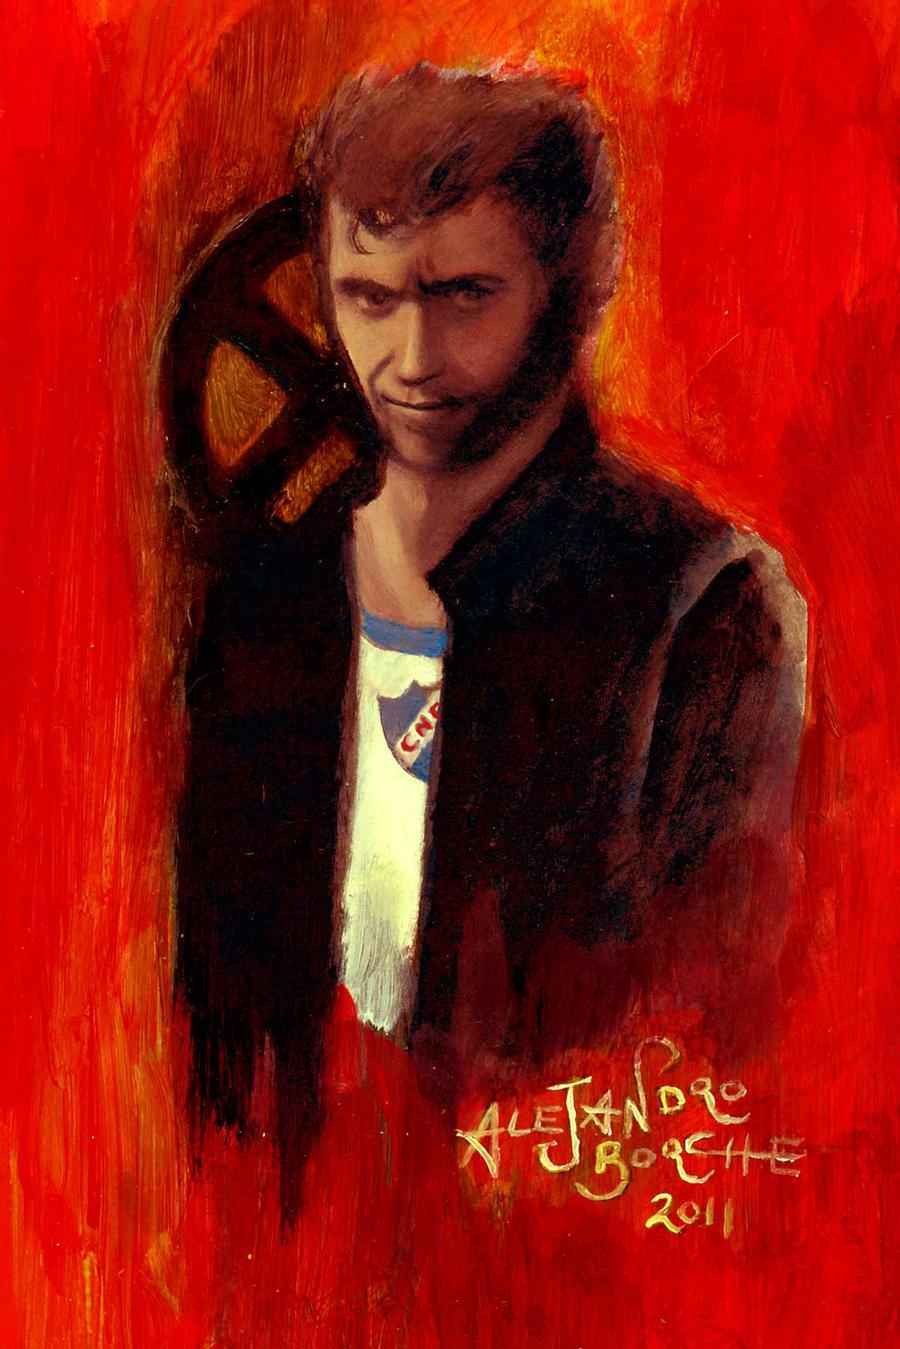 El bolso para Wolverine by aleldan